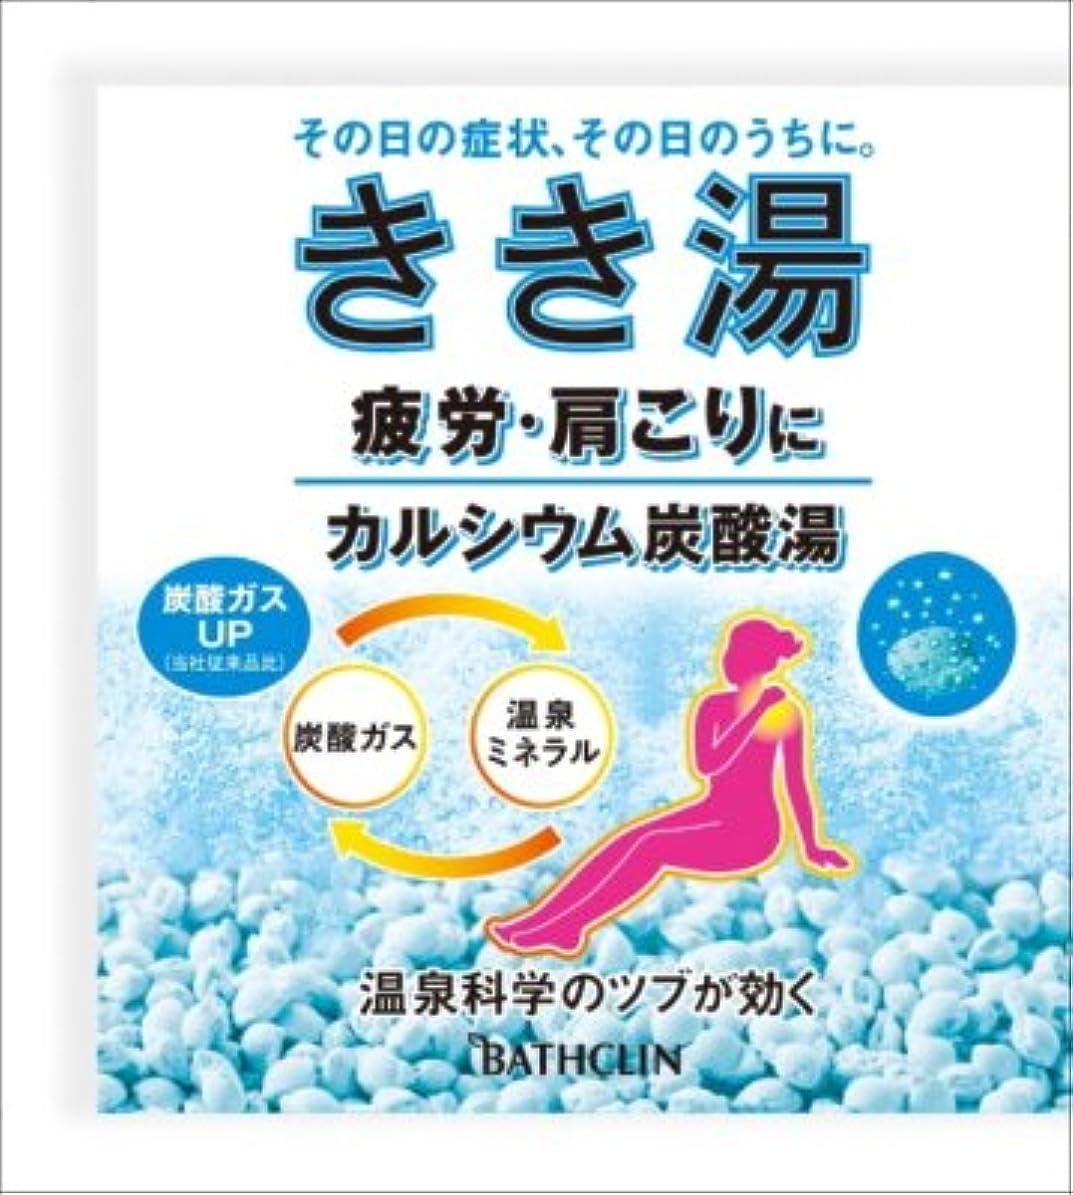 すなわち乱闘前売バスクリン きき湯 カルシウム炭酸湯 30g ×120個セット 青空色のお湯(透明タイプ) 気分のんびりラムネの香り 入浴剤